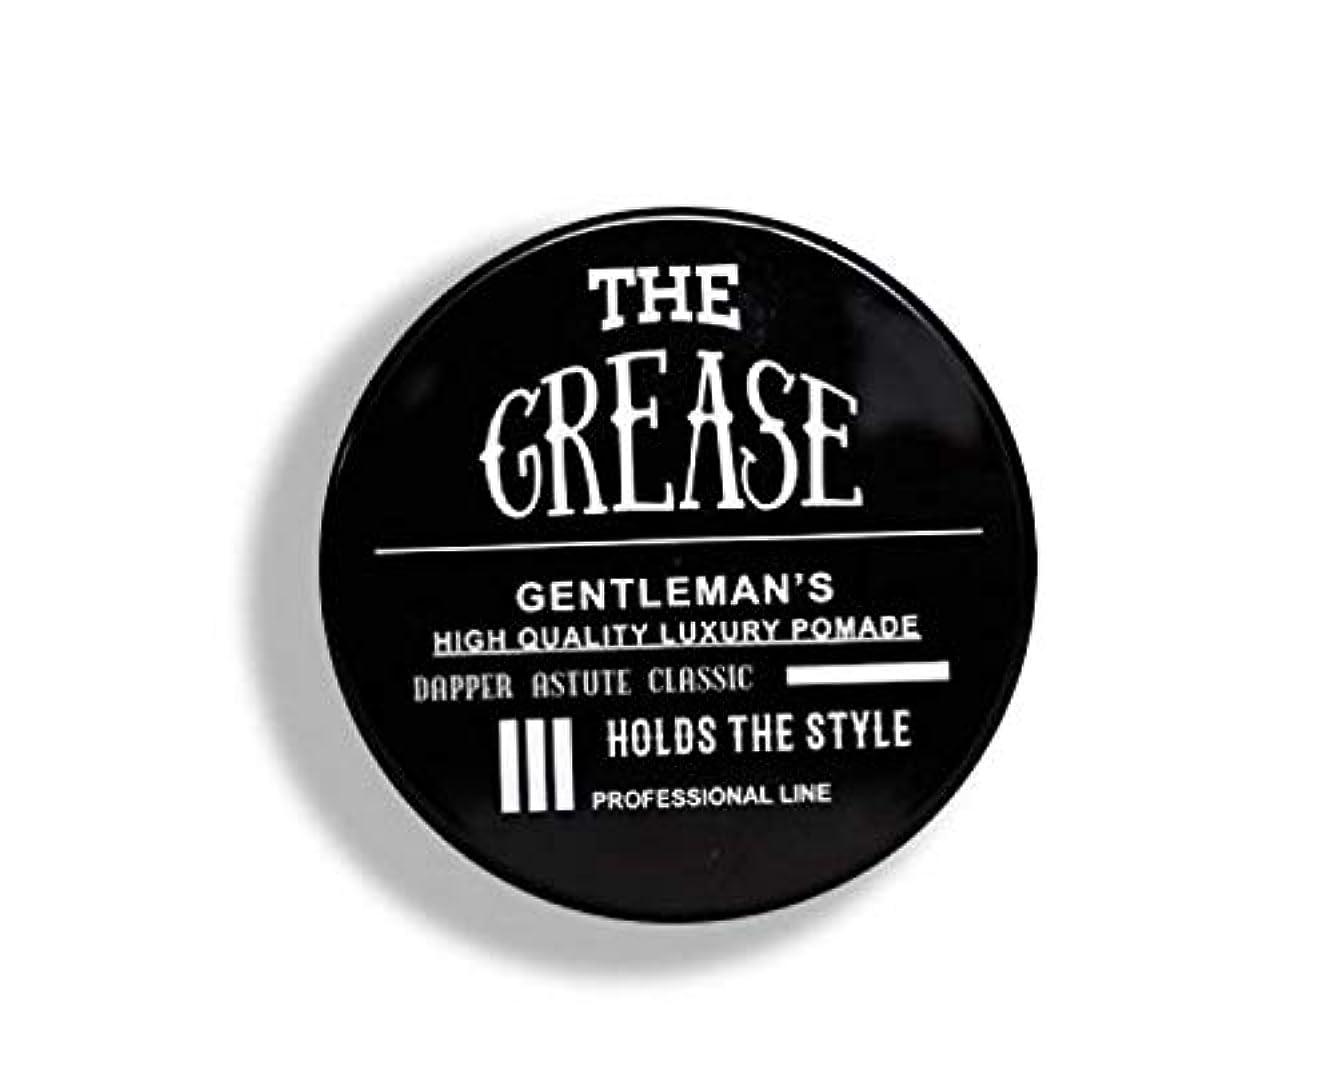 最終浸透する店主THE GREASE EX ザ?グリース エクストラハード